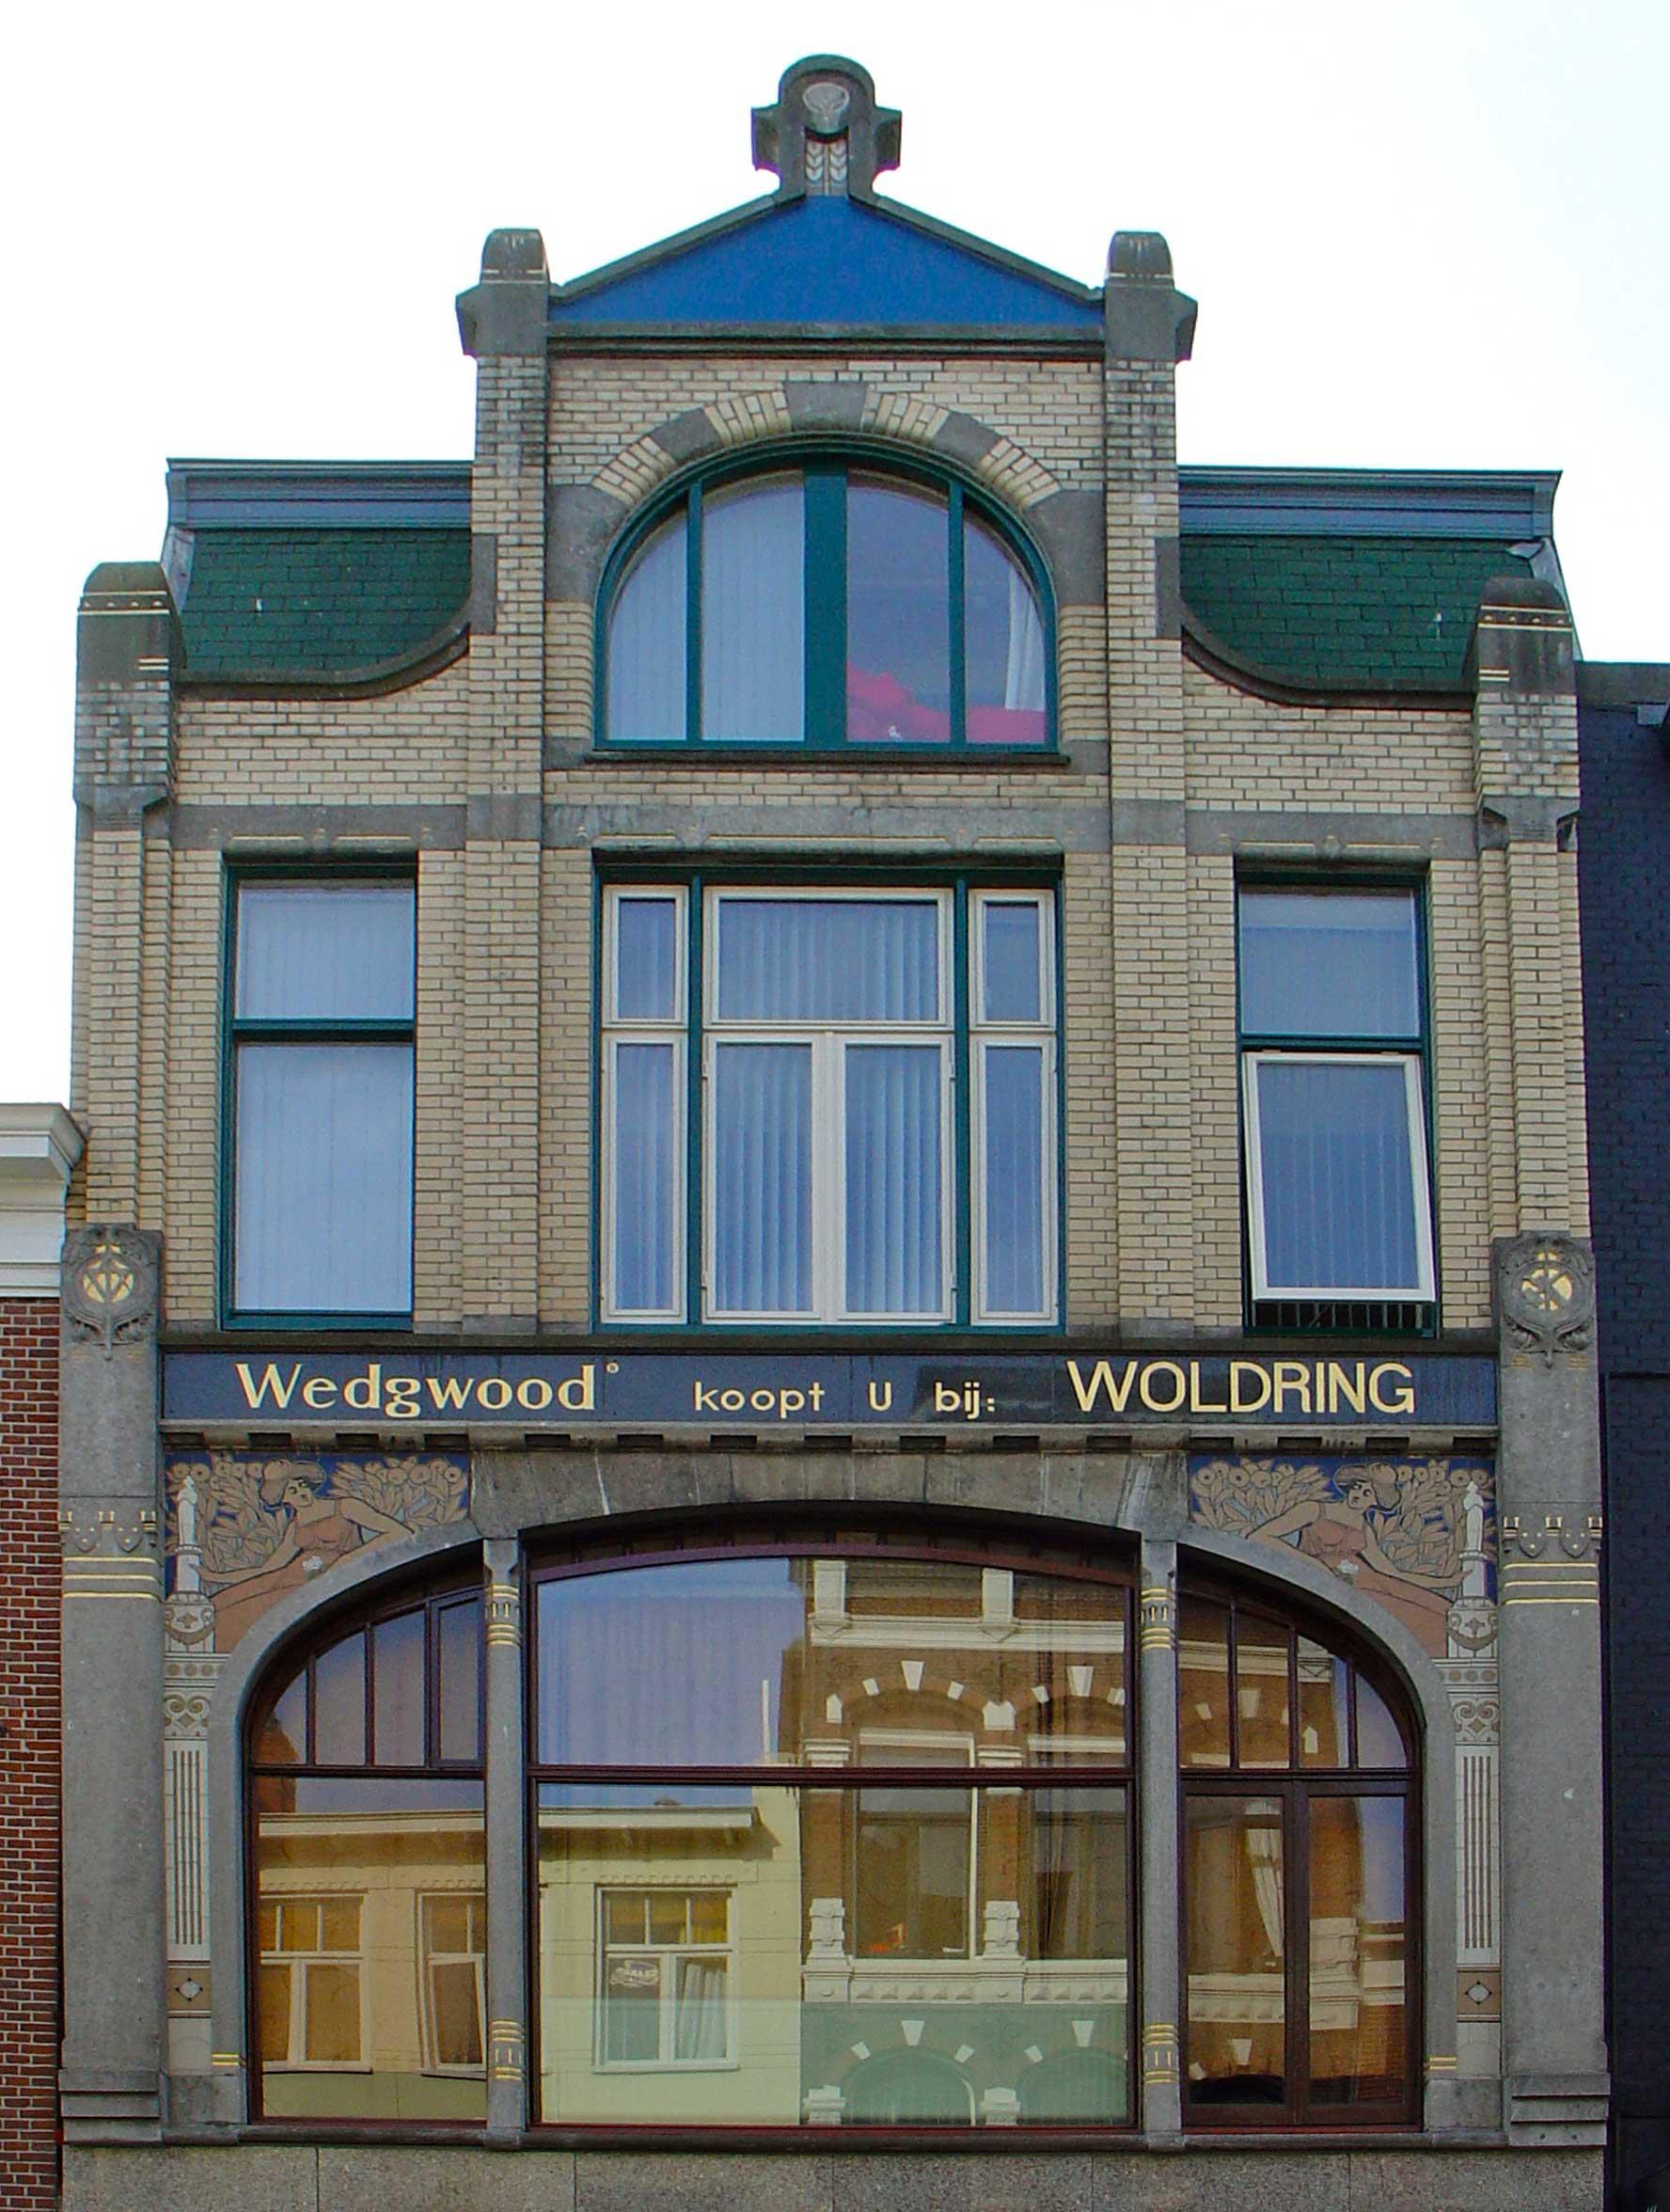 Meubeltoonzaal met woning in art nouveau stijl in groningen monument - Deco huizen ...